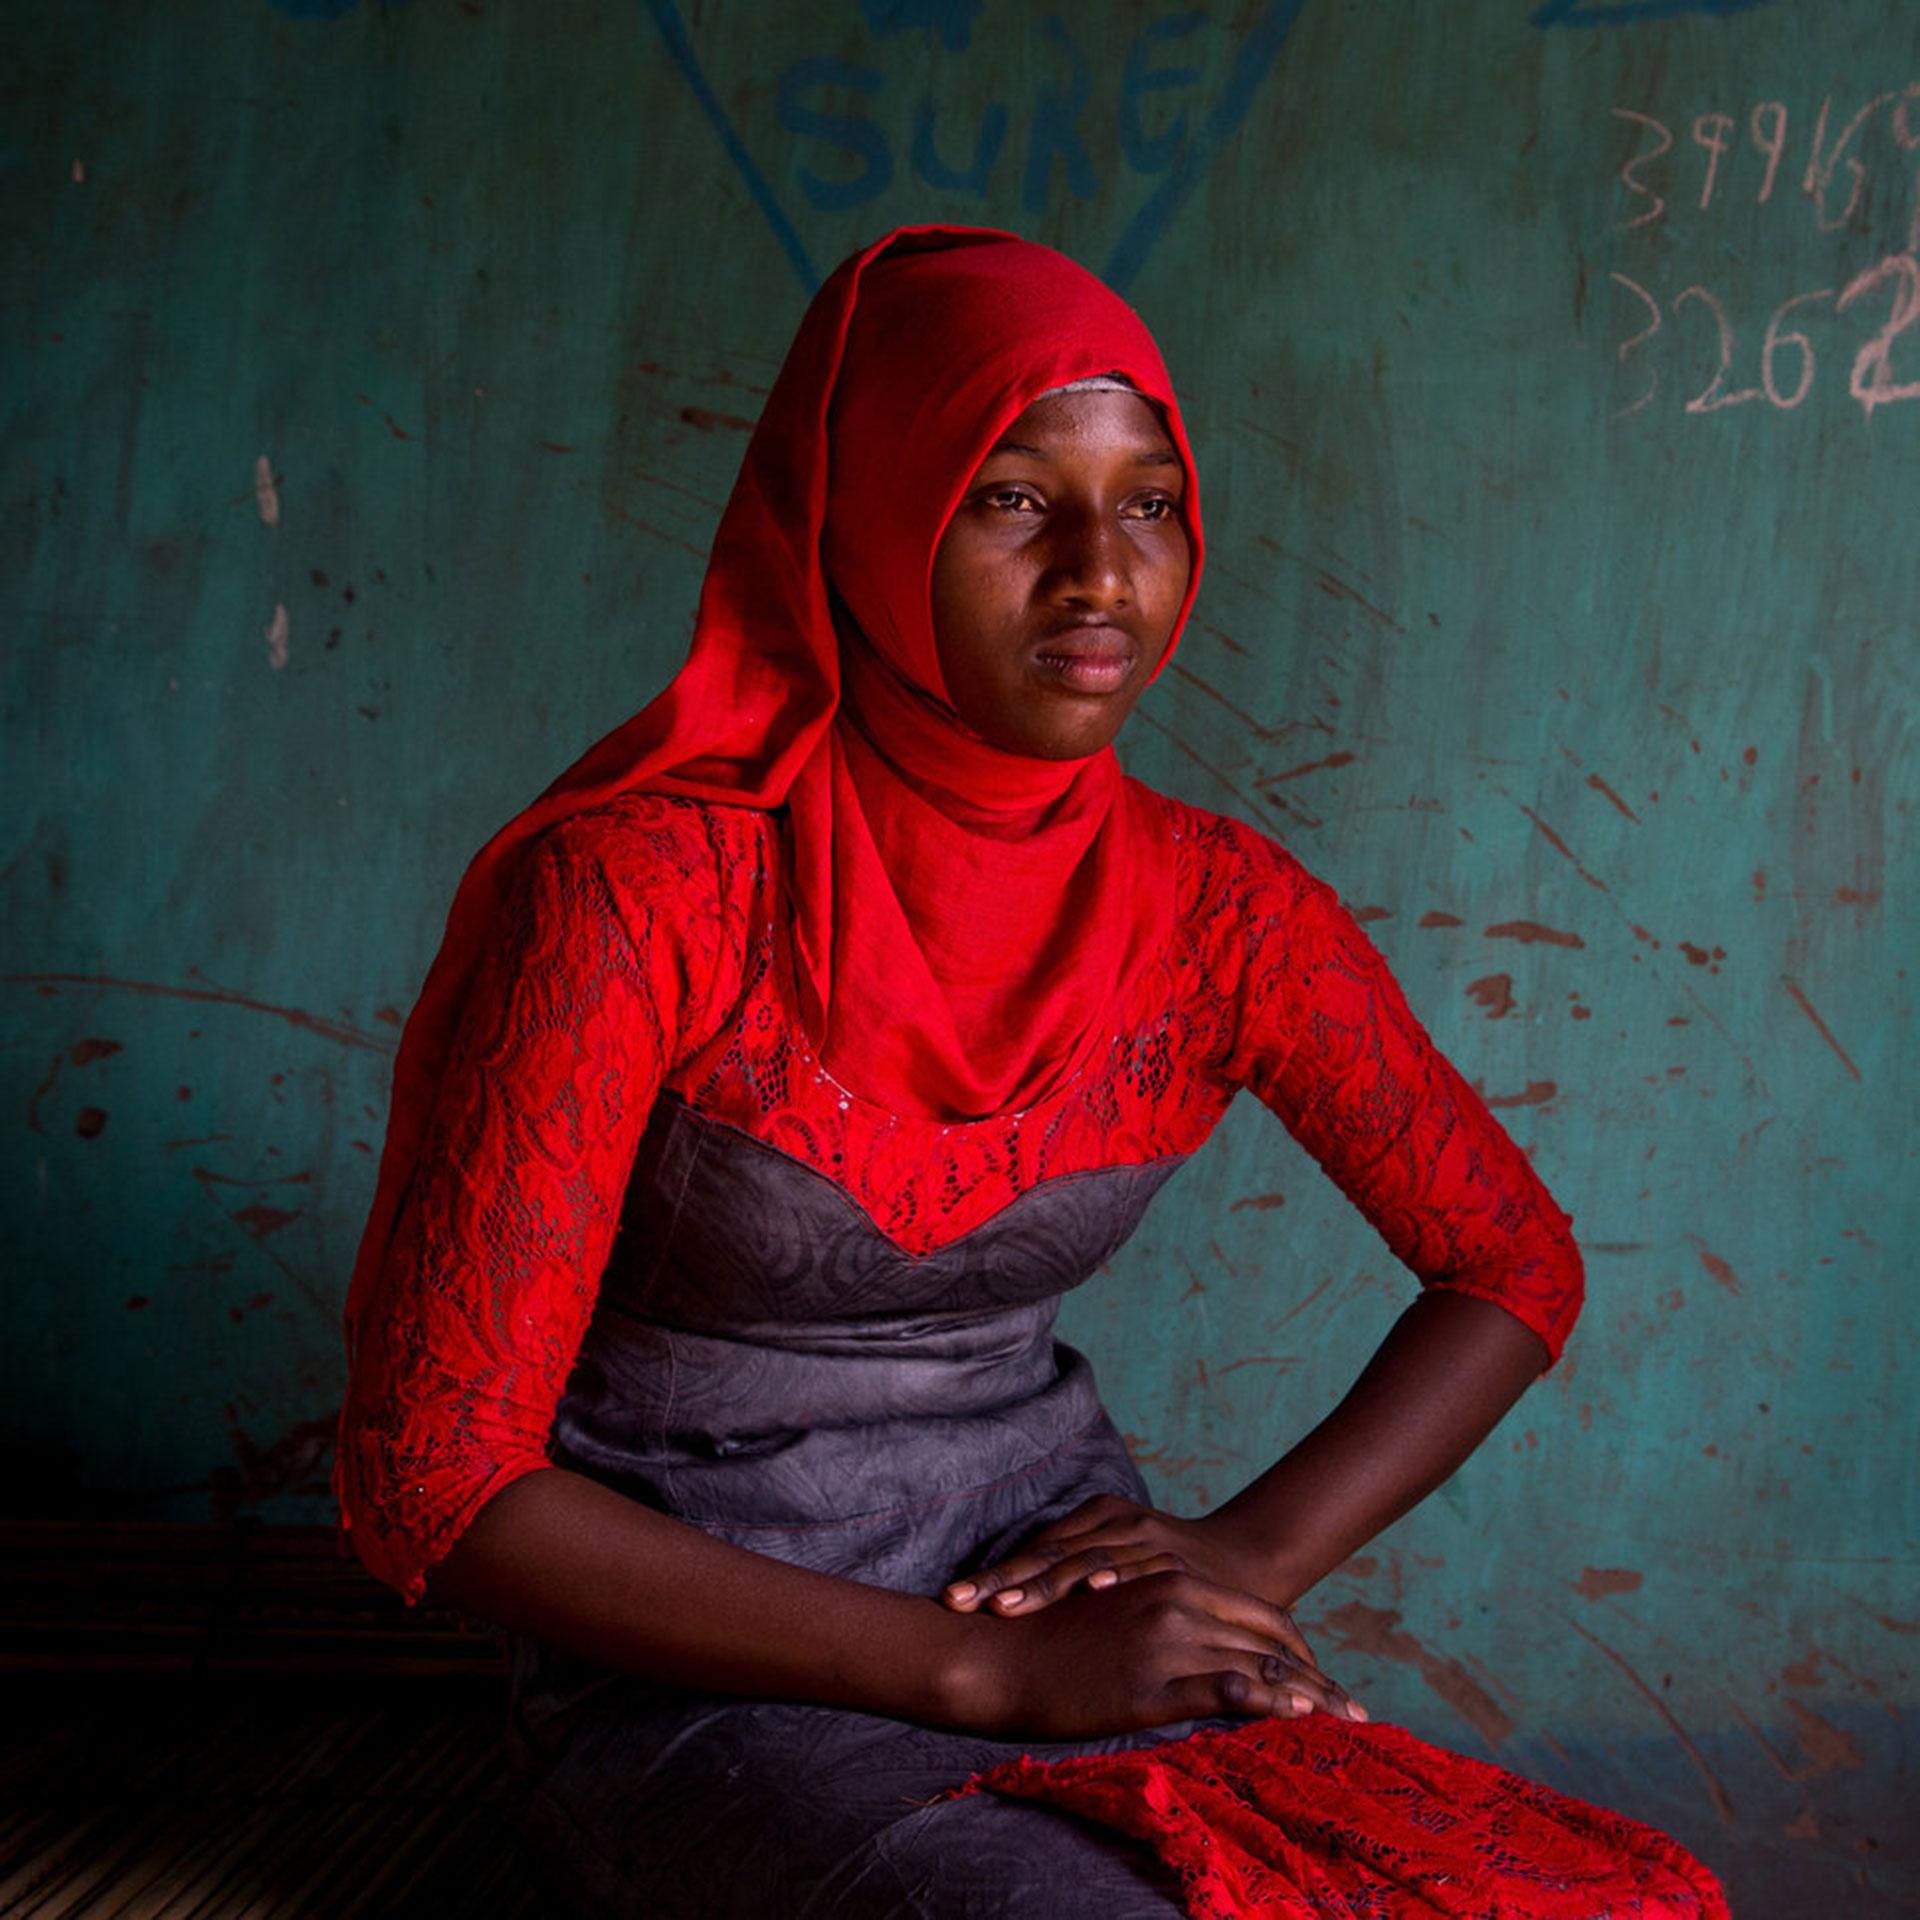 """Competencia """"Profesional"""" – Categoría """"Noticias y Asuntos de Actualidad"""": La mutilación genital femenina es la extirpación parcial o completa de los genitales femeninos externos. Una serie llamada """"Cicatrices"""", a la que pertenece esta foto, comparte las historias personales de 12 mujeres gambianas que sobrevivieron al procedimiento cuando eran niñas. (Gentileza Sony World Photography Awards)"""